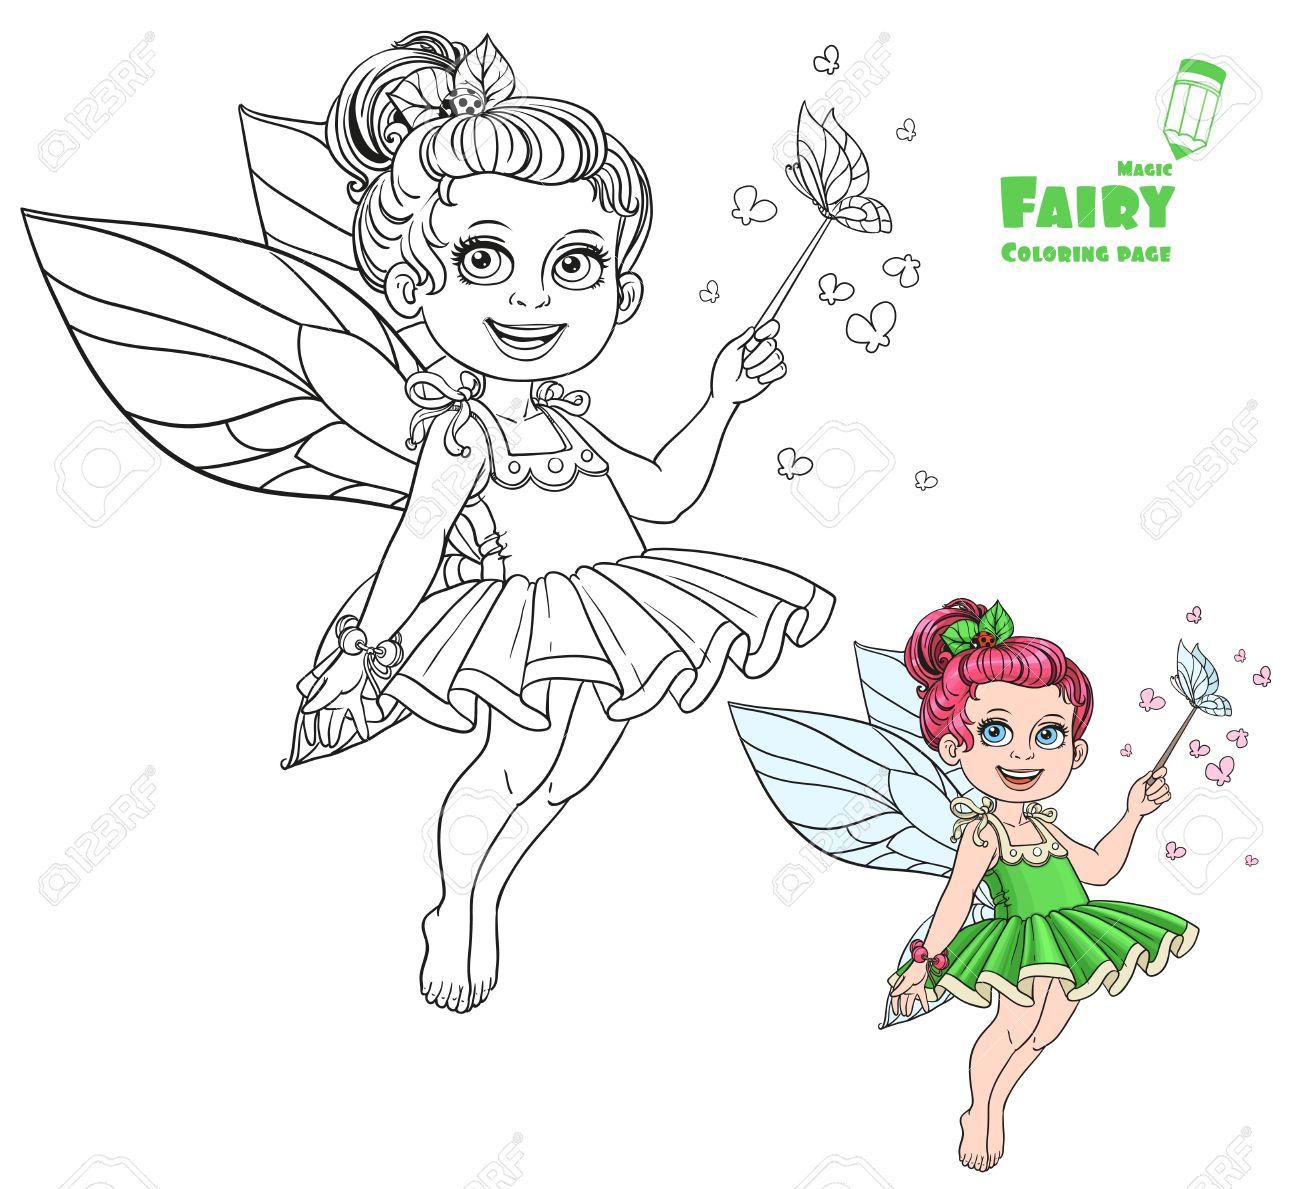 Schöne Kleine Sommer-Fee Mit Zauberstab Und Schmetterlinge Farbe Und ...